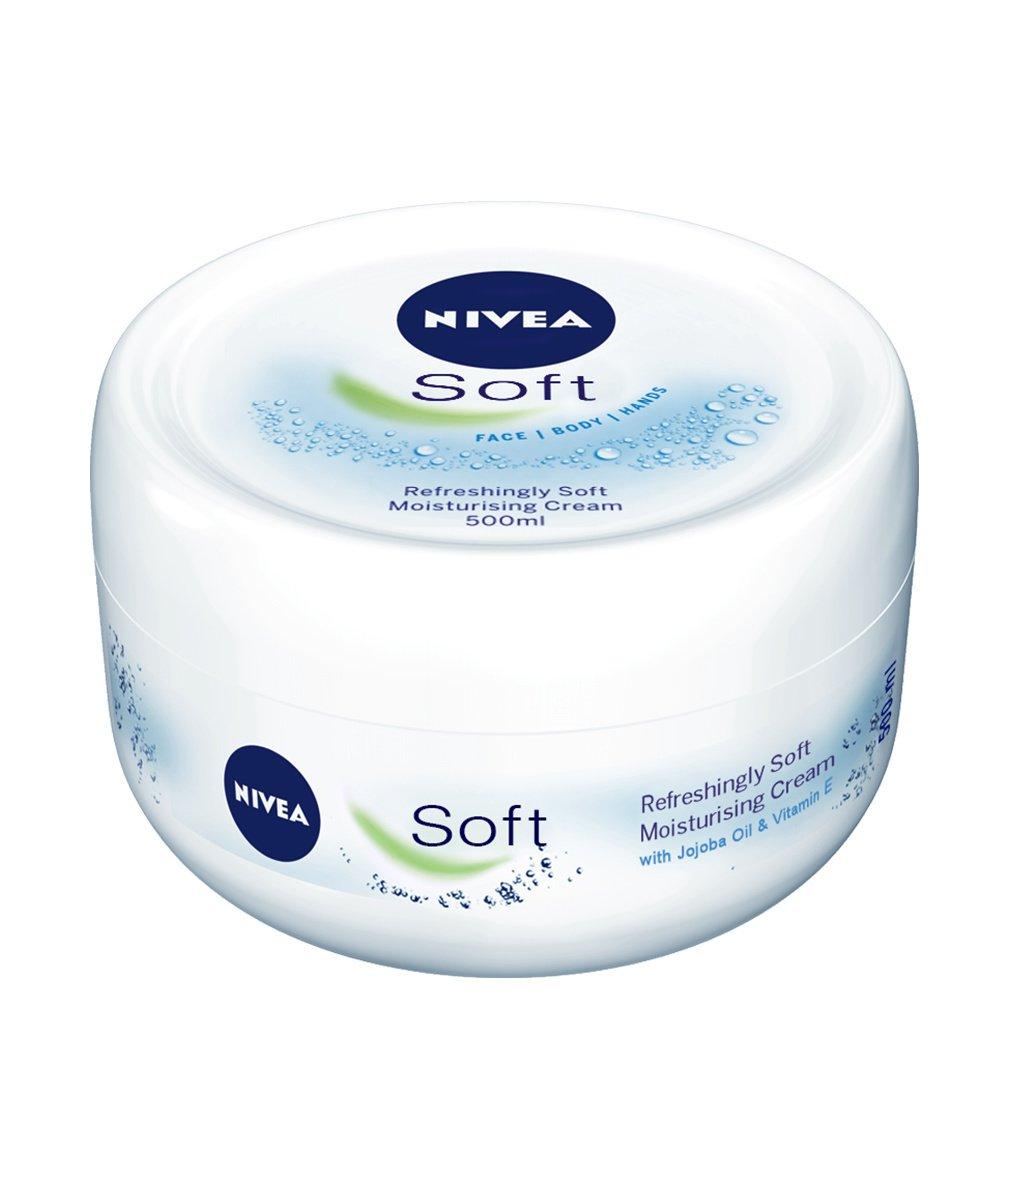 nivea refreshingly soft moisturizing creme